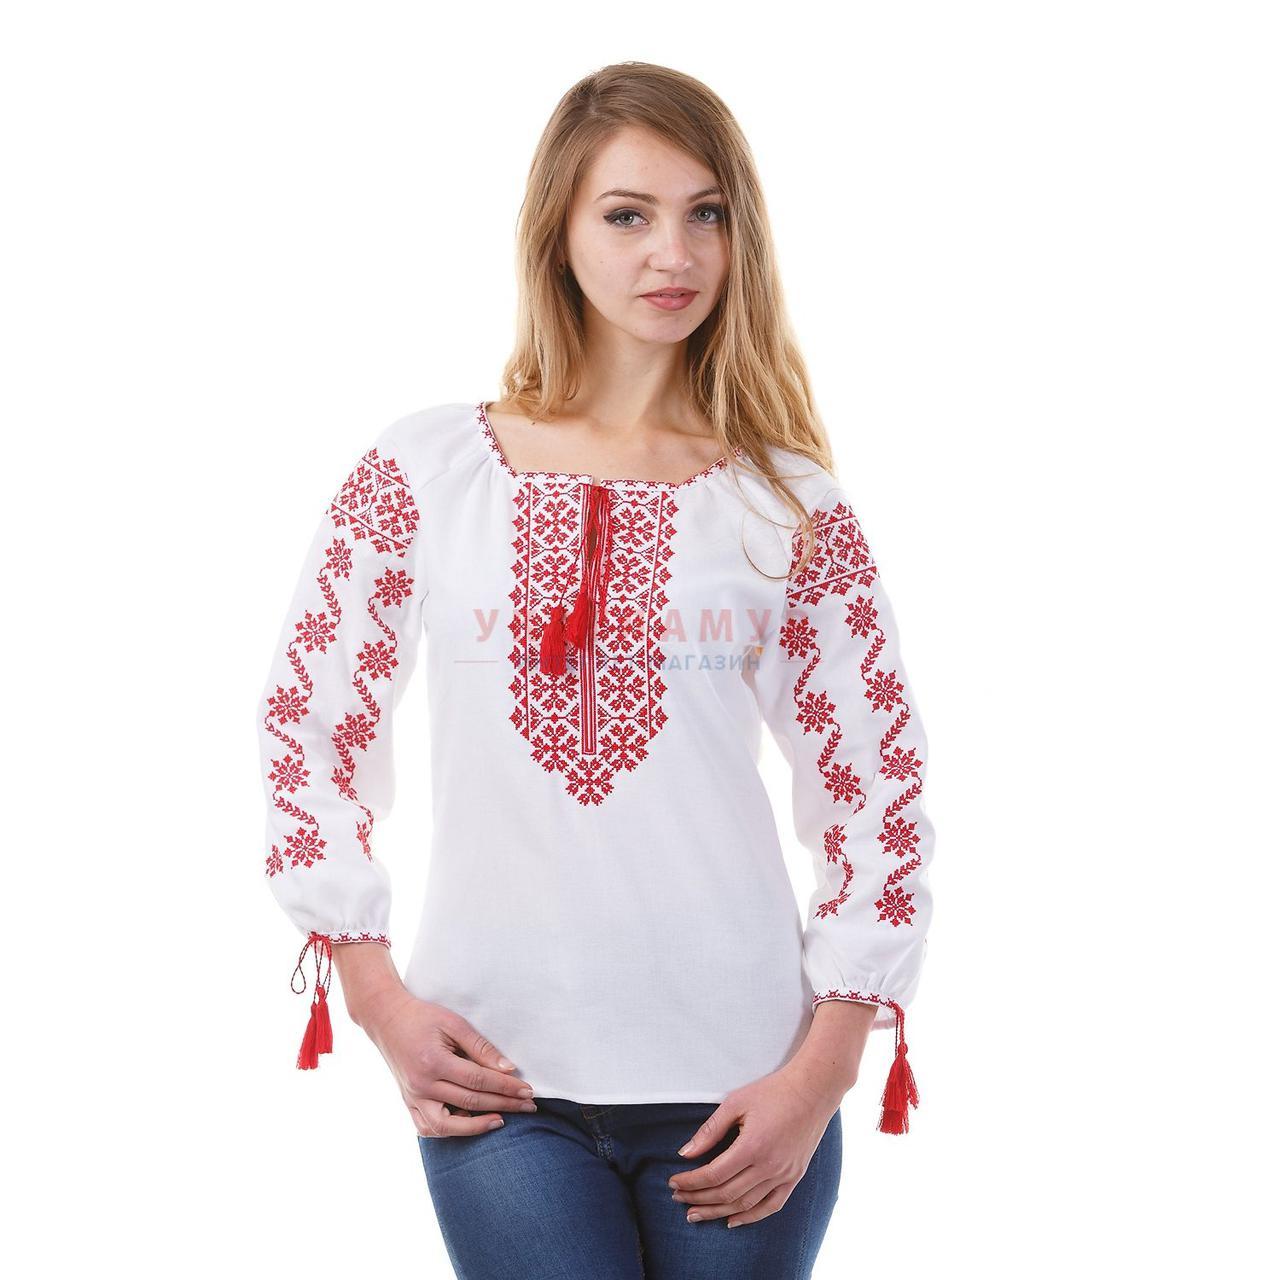 Вышитая женская дизайнерская блуза с красным орнаментом